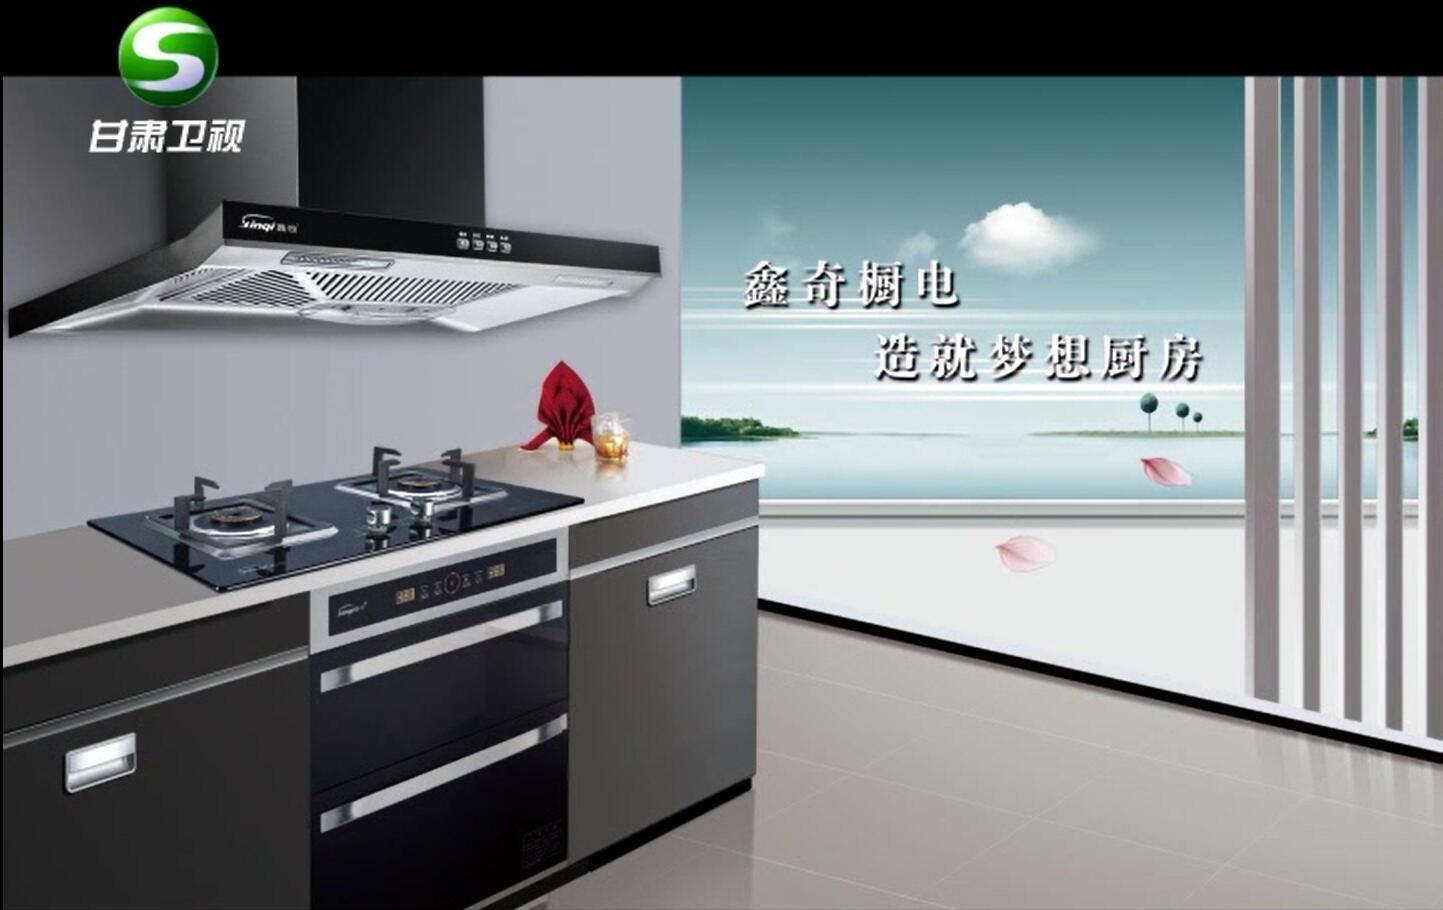 甘肃卫视《鑫奇广告)